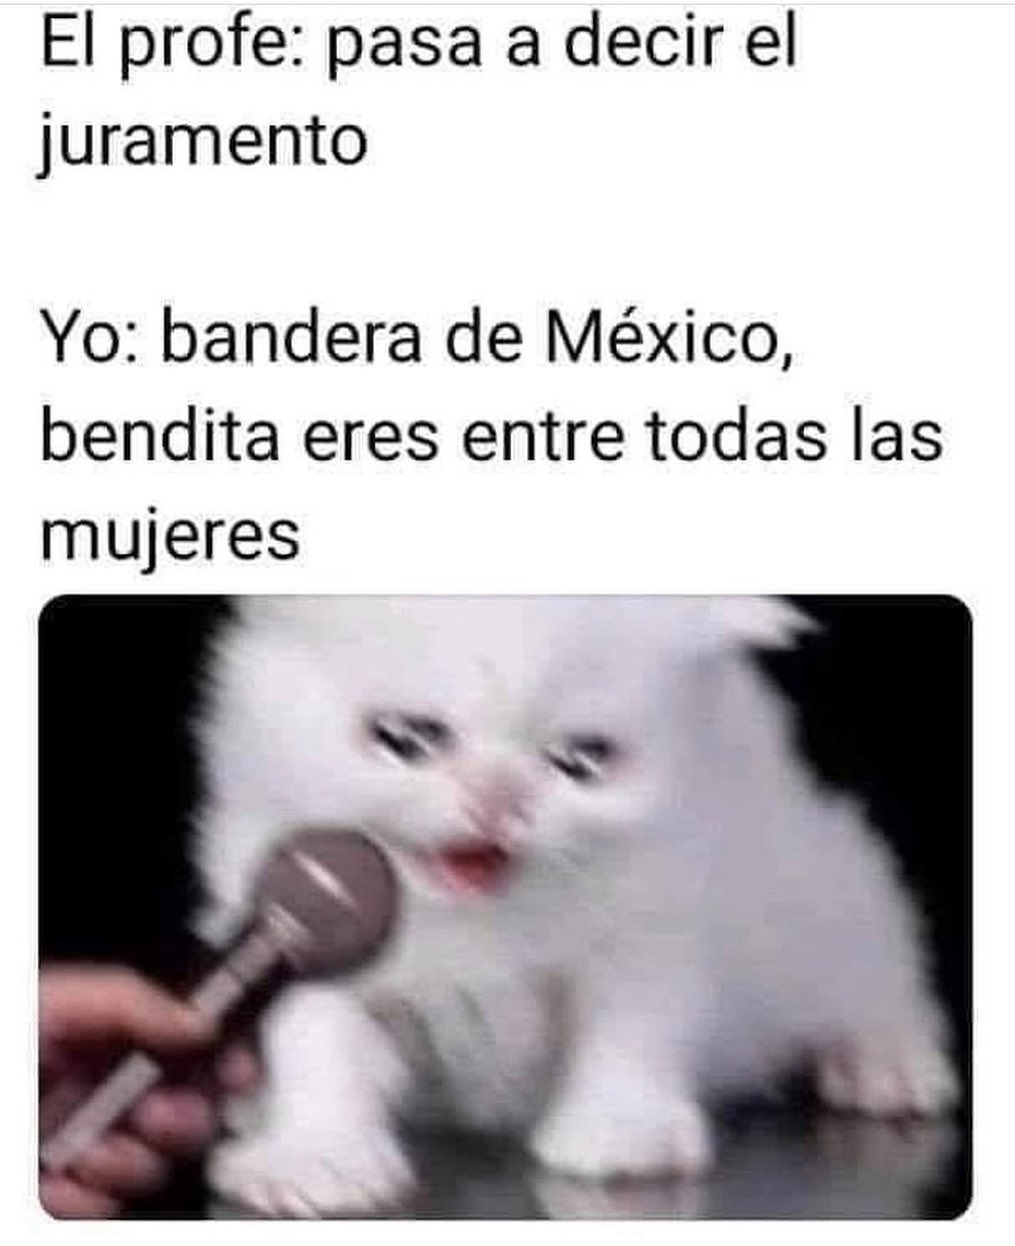 El profe: Pasa a decir el juramento.  Yo: Bandera de México, bendita eres entre todas las mujeres.